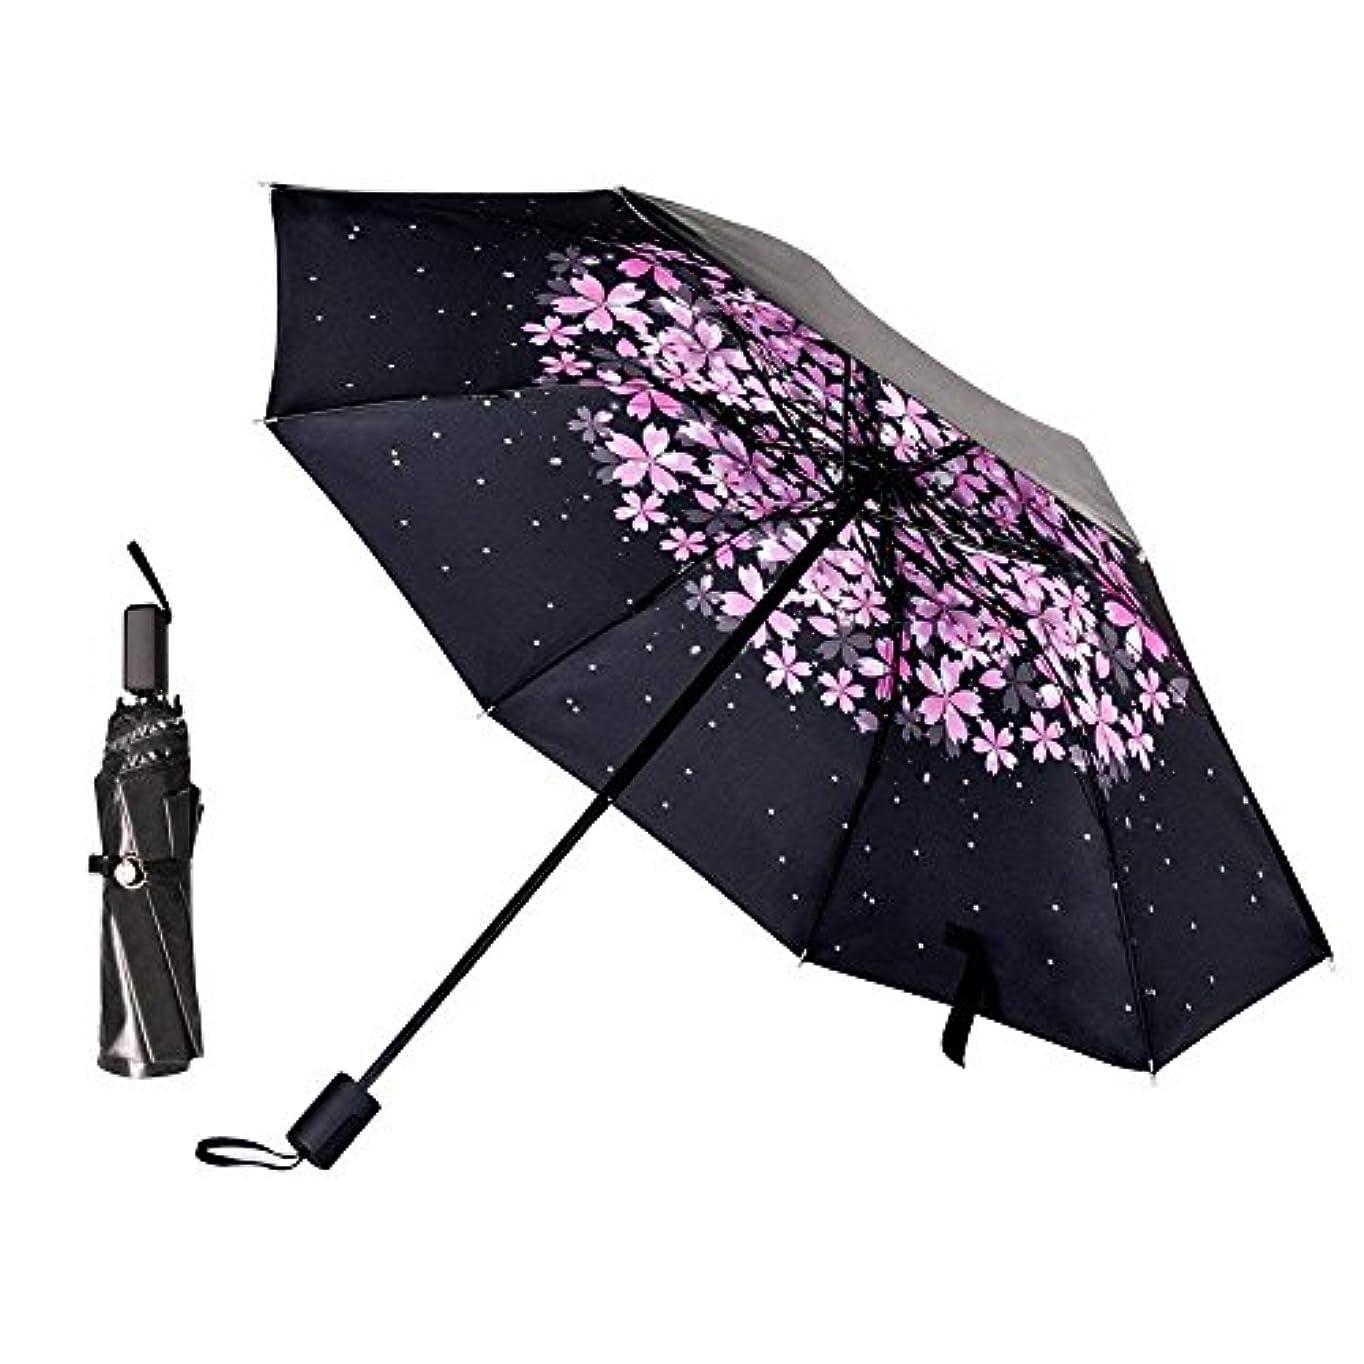 トロリー受粉するダメージ折りたたみ傘 花柄 日傘 日傘 レディース 折り畳み傘 UVカット 100% 遮光 日傘 晴雨兼用 折りたたみ 大型 ひんやり傘 高密度なポンジー布生地と高品質UVカットコーティングで加工して 折り畳み傘 (花びら)